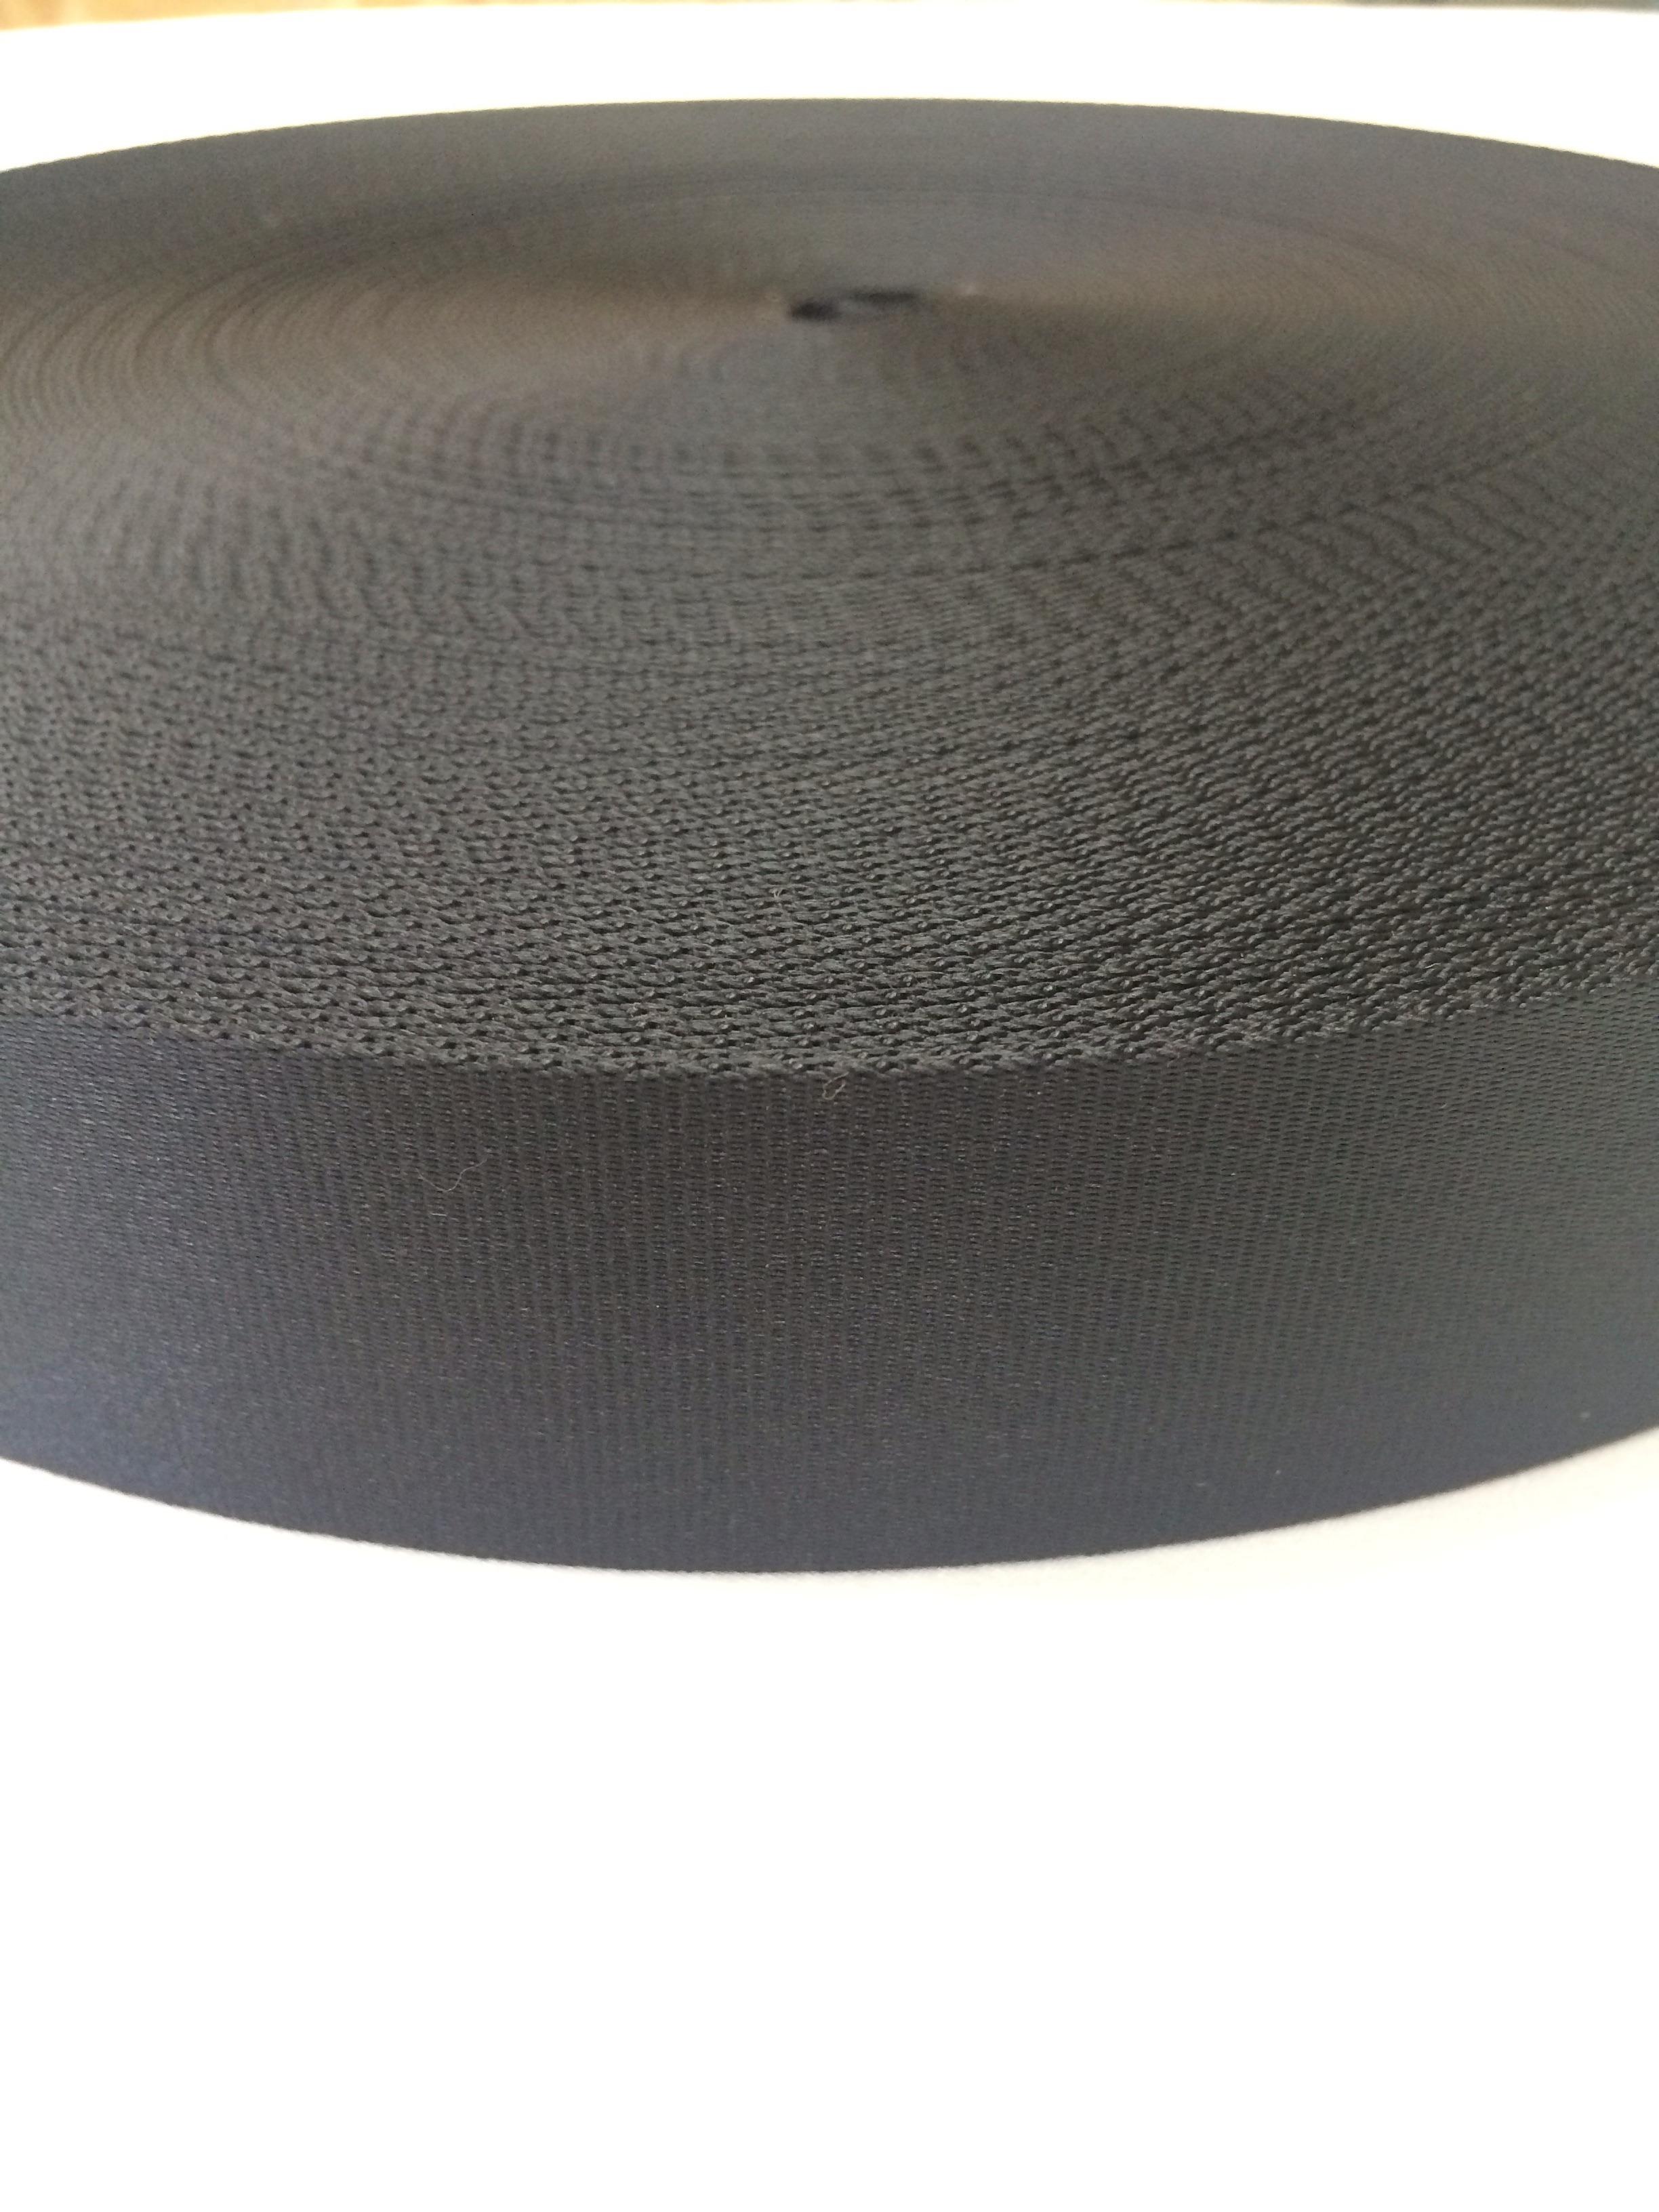 ナイロン ベルト テープ 朱子織 厚み薄目 1.1㎜厚  25mm幅 黒 5m